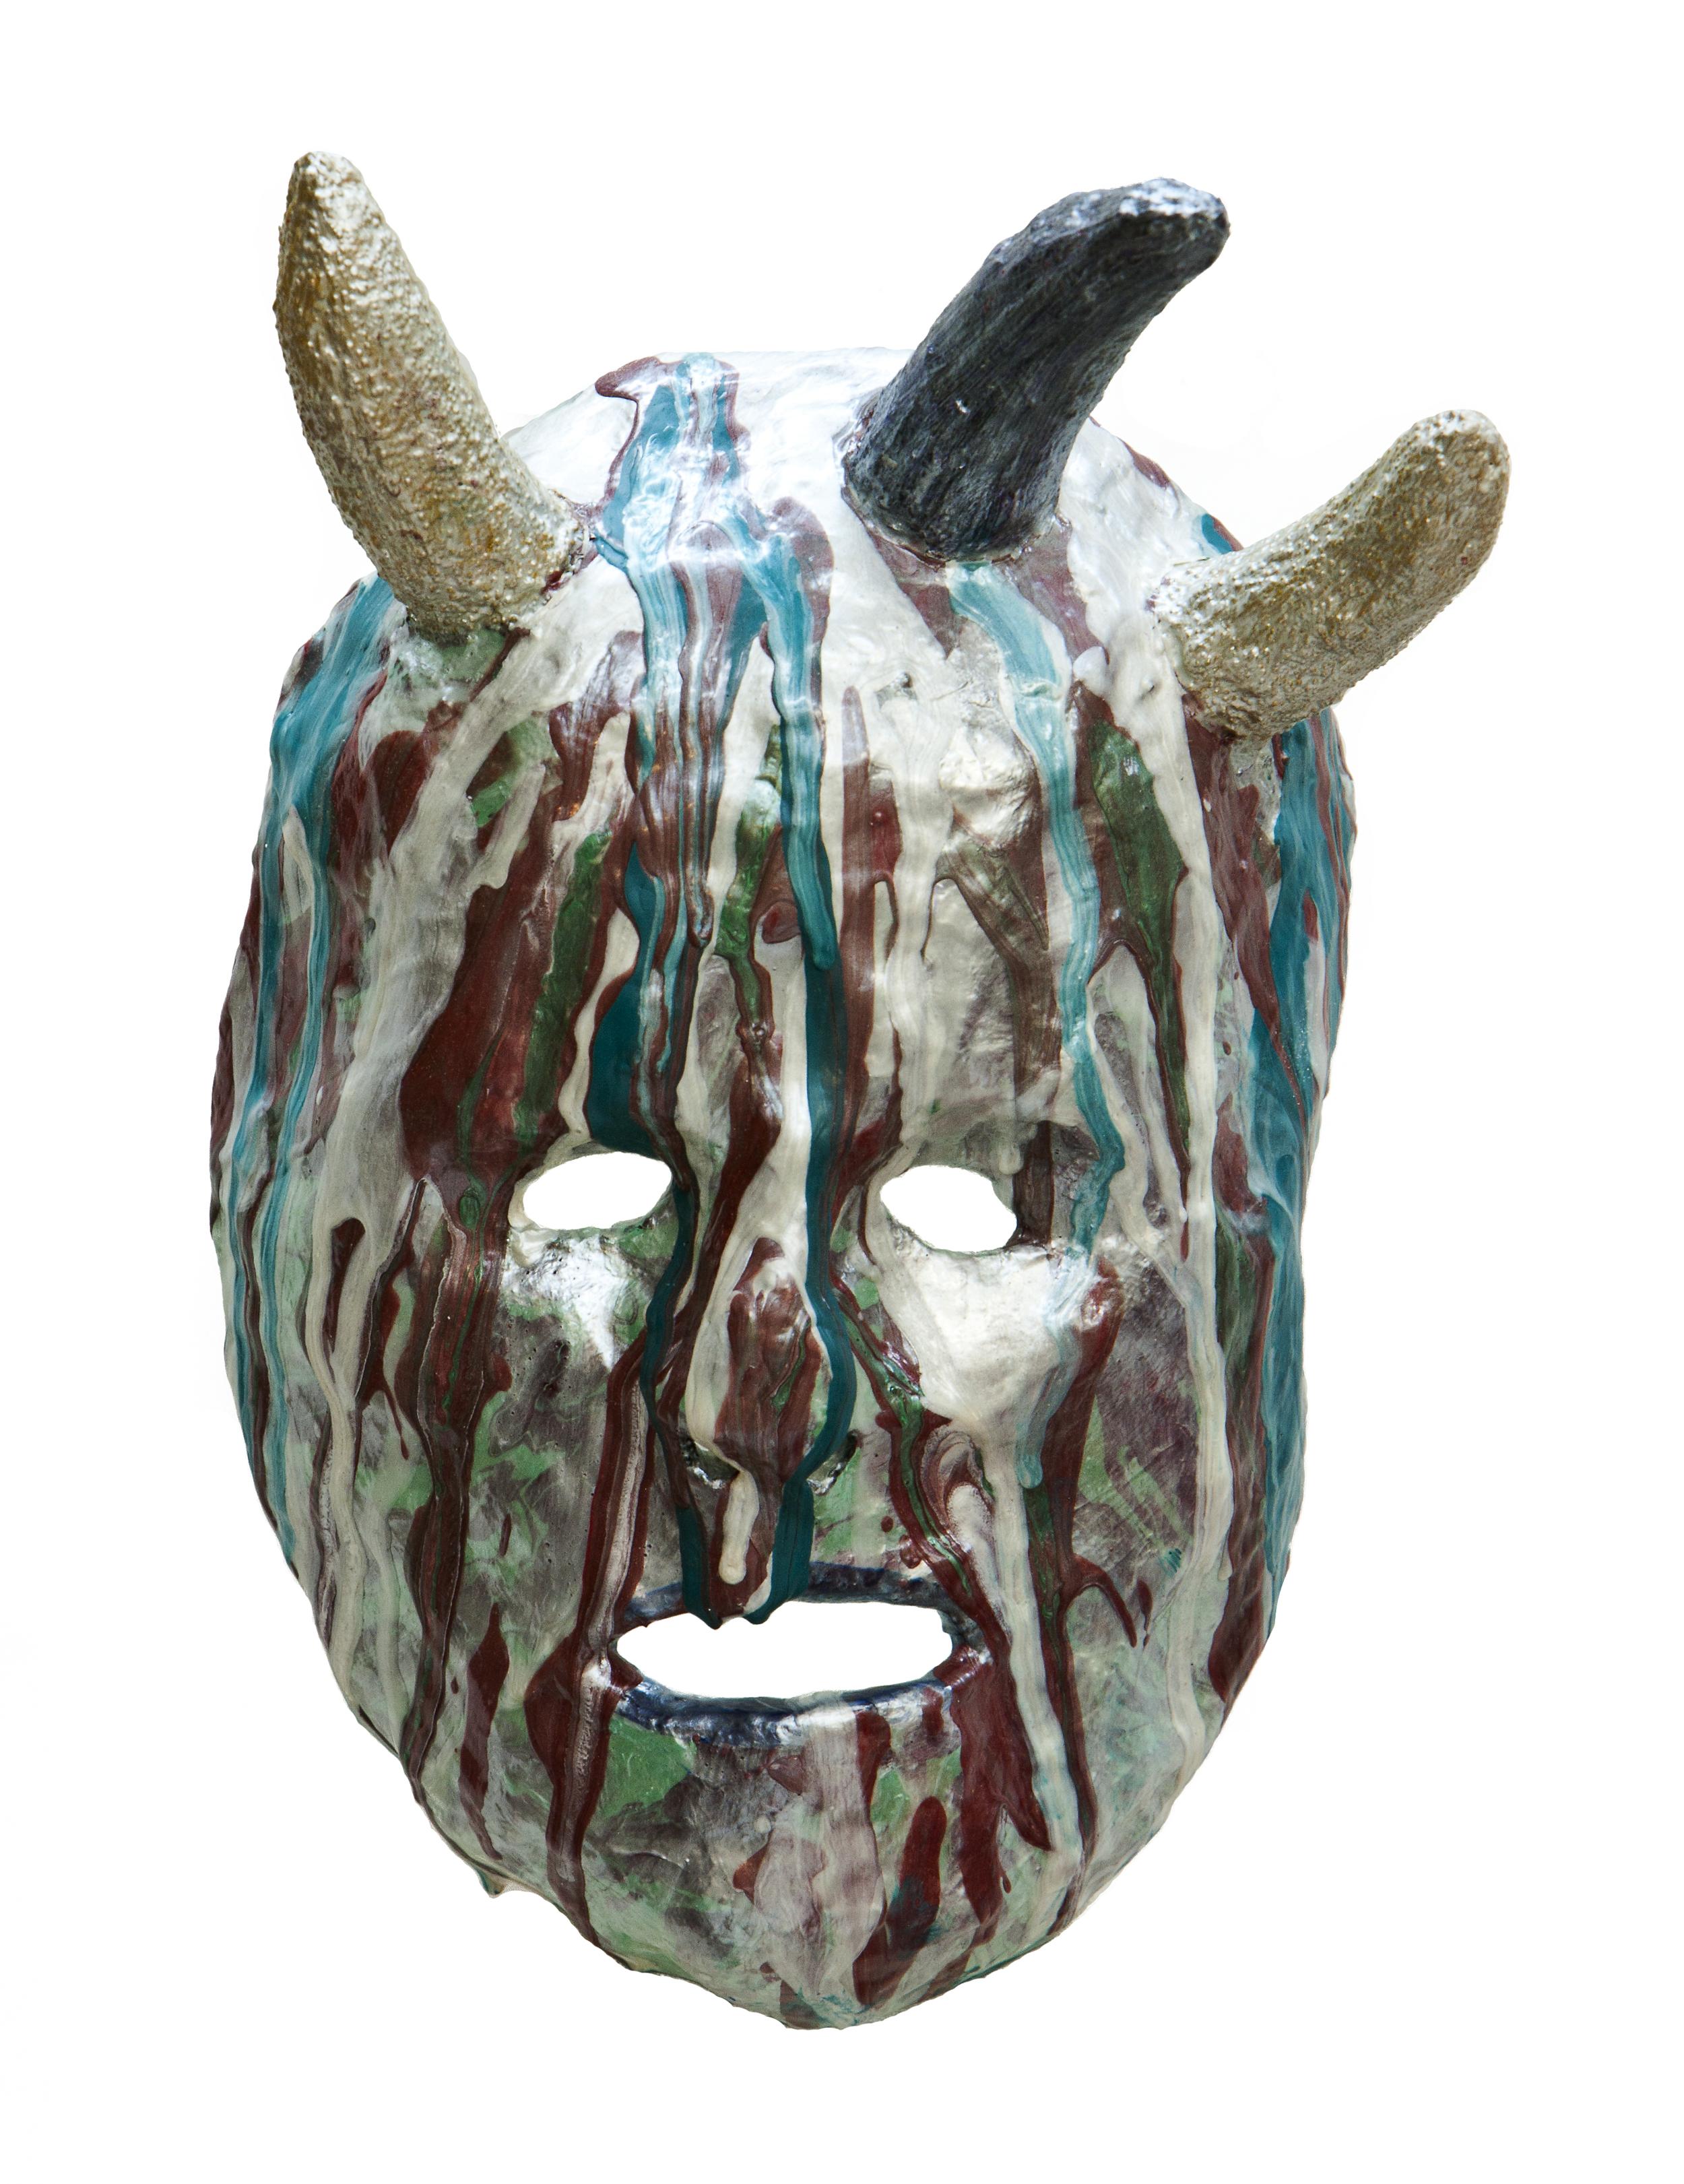 Post Meltdown Devil Mask #2